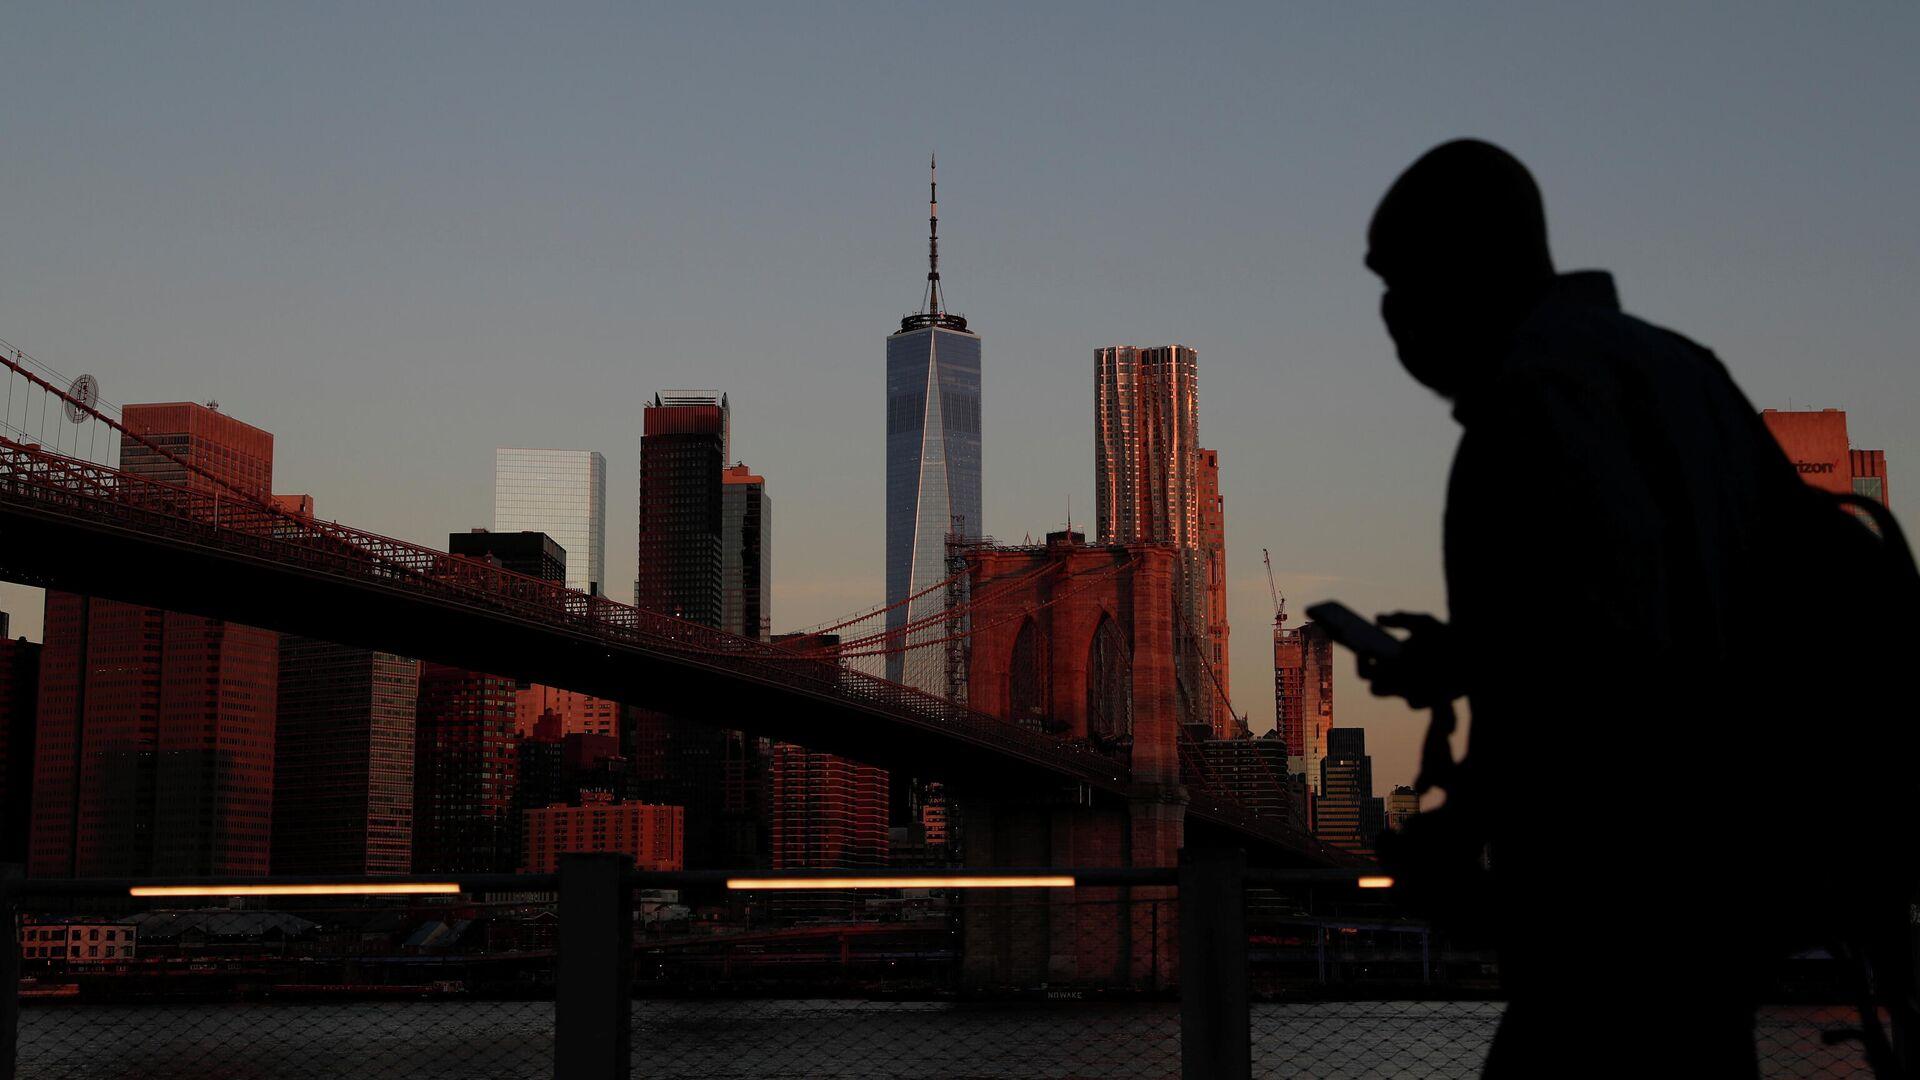 Veinte años después de los ataques del 11 de septiembre de 2001 en Nueva York, EEUU, el 11 de septiembre de 2021 - Sputnik Mundo, 1920, 11.09.2021